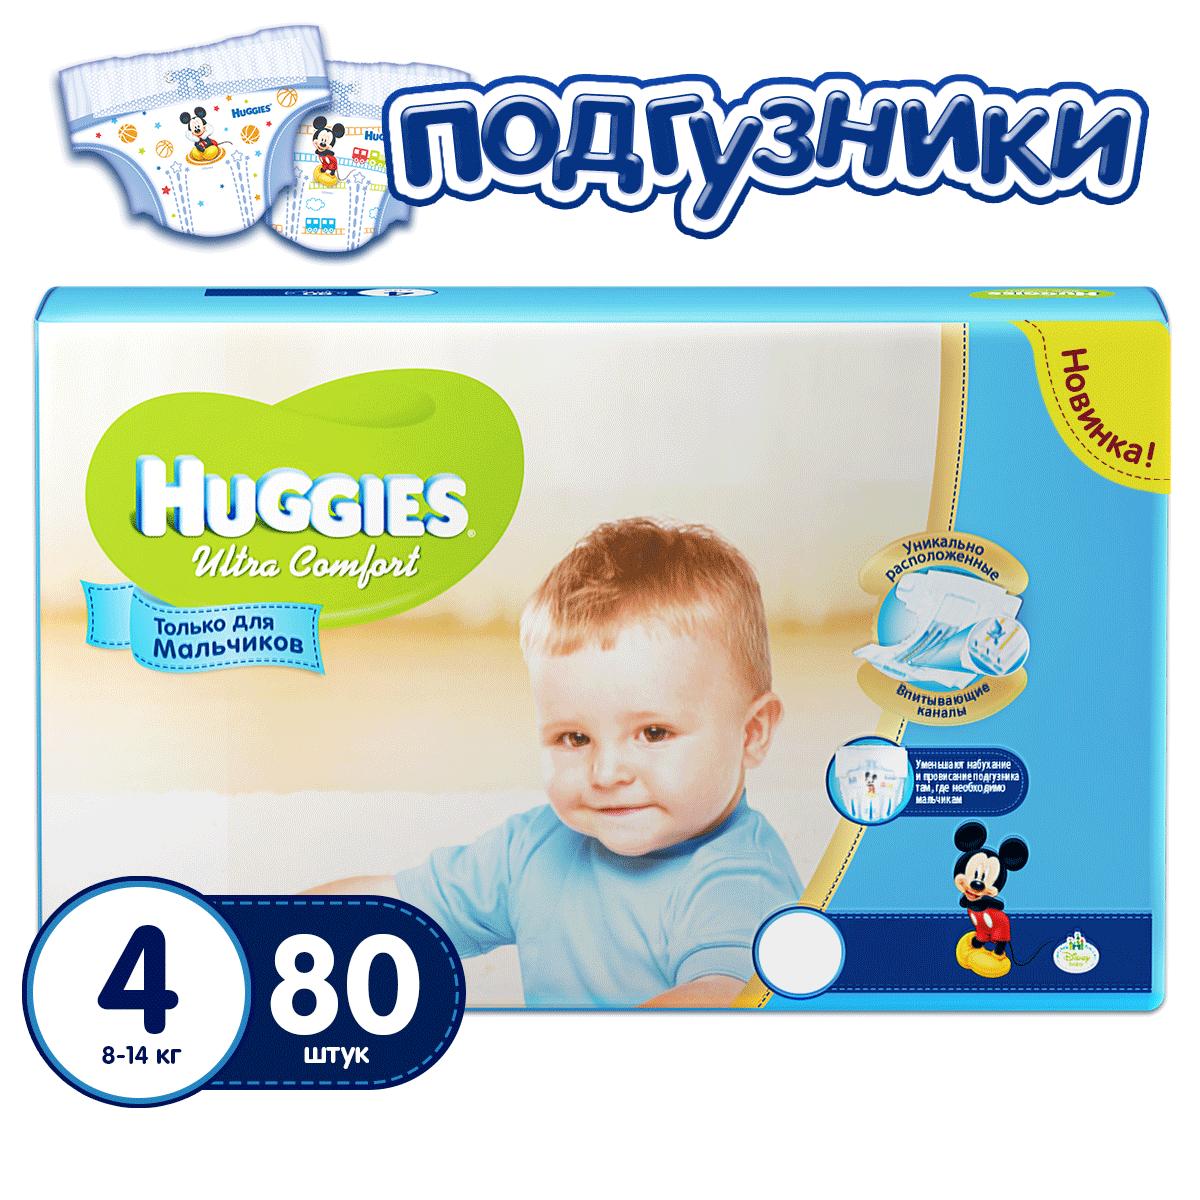 Подгузники Huggies Ultra Comfort Giga Pack для мальчиков 8-14 кг (80 шт) Размер 4<br>